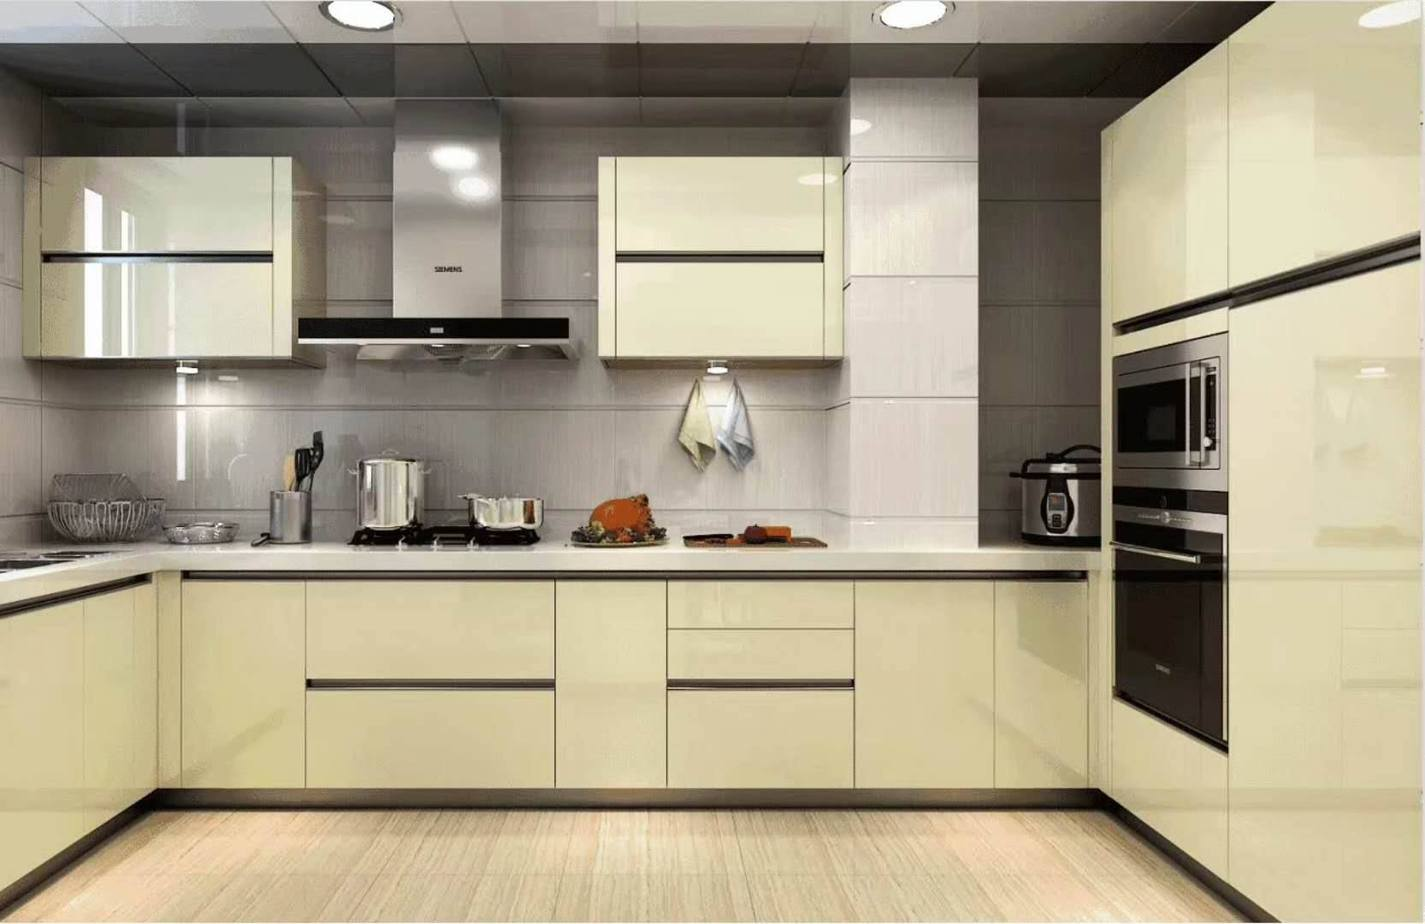 Gam màu trắng sữa của tủ bếp chữ U dưới ánh đèn của hệ thống đèn chiếu sáng kết hợp hài hòa, mang đến cảm giác dễ chịu, ấm cúng cho không gian bếp.